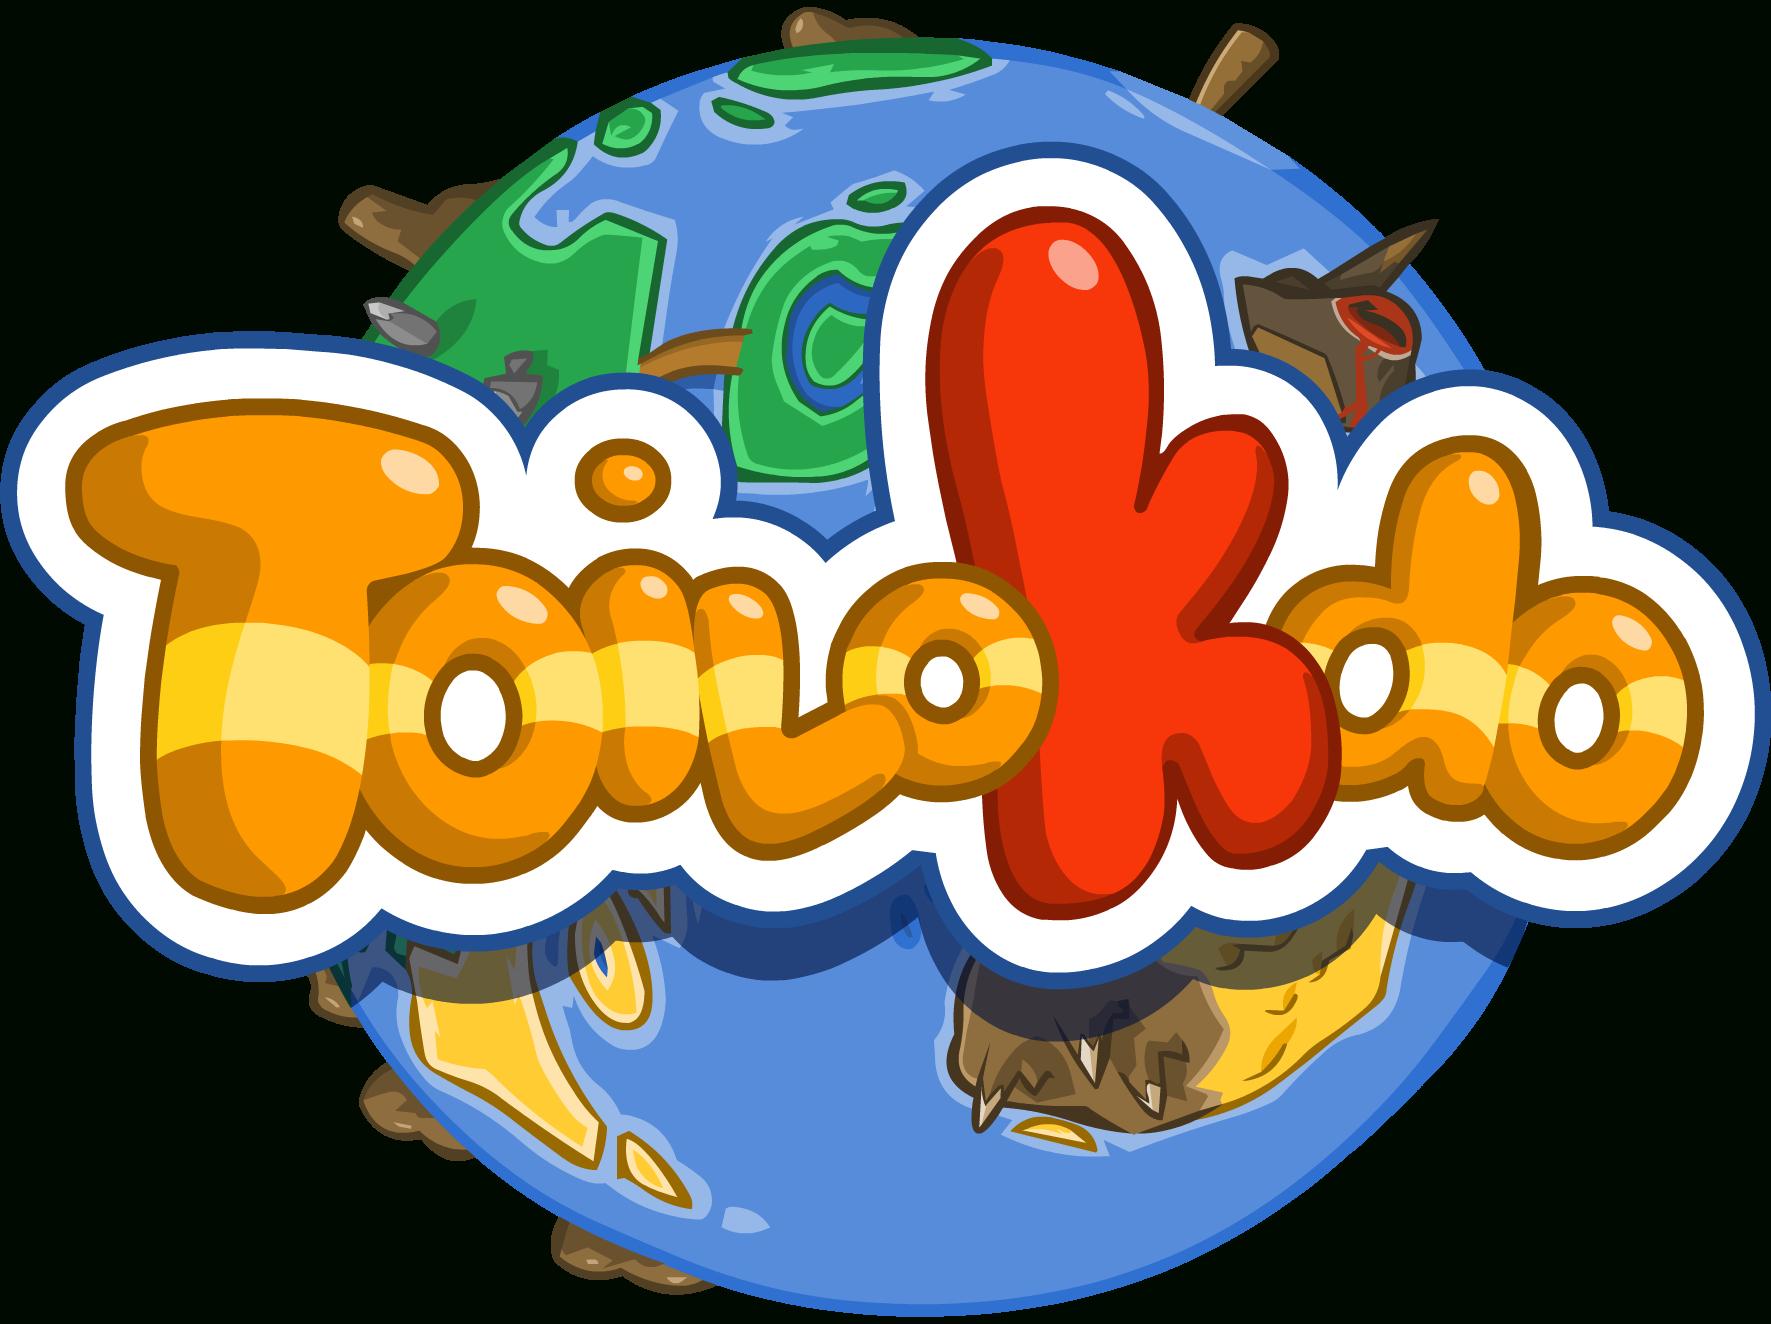 Toilokdo – Les Meilleurs Jeux De Réflexion Gratuits à Jeux Des 7 Différences Gratuit